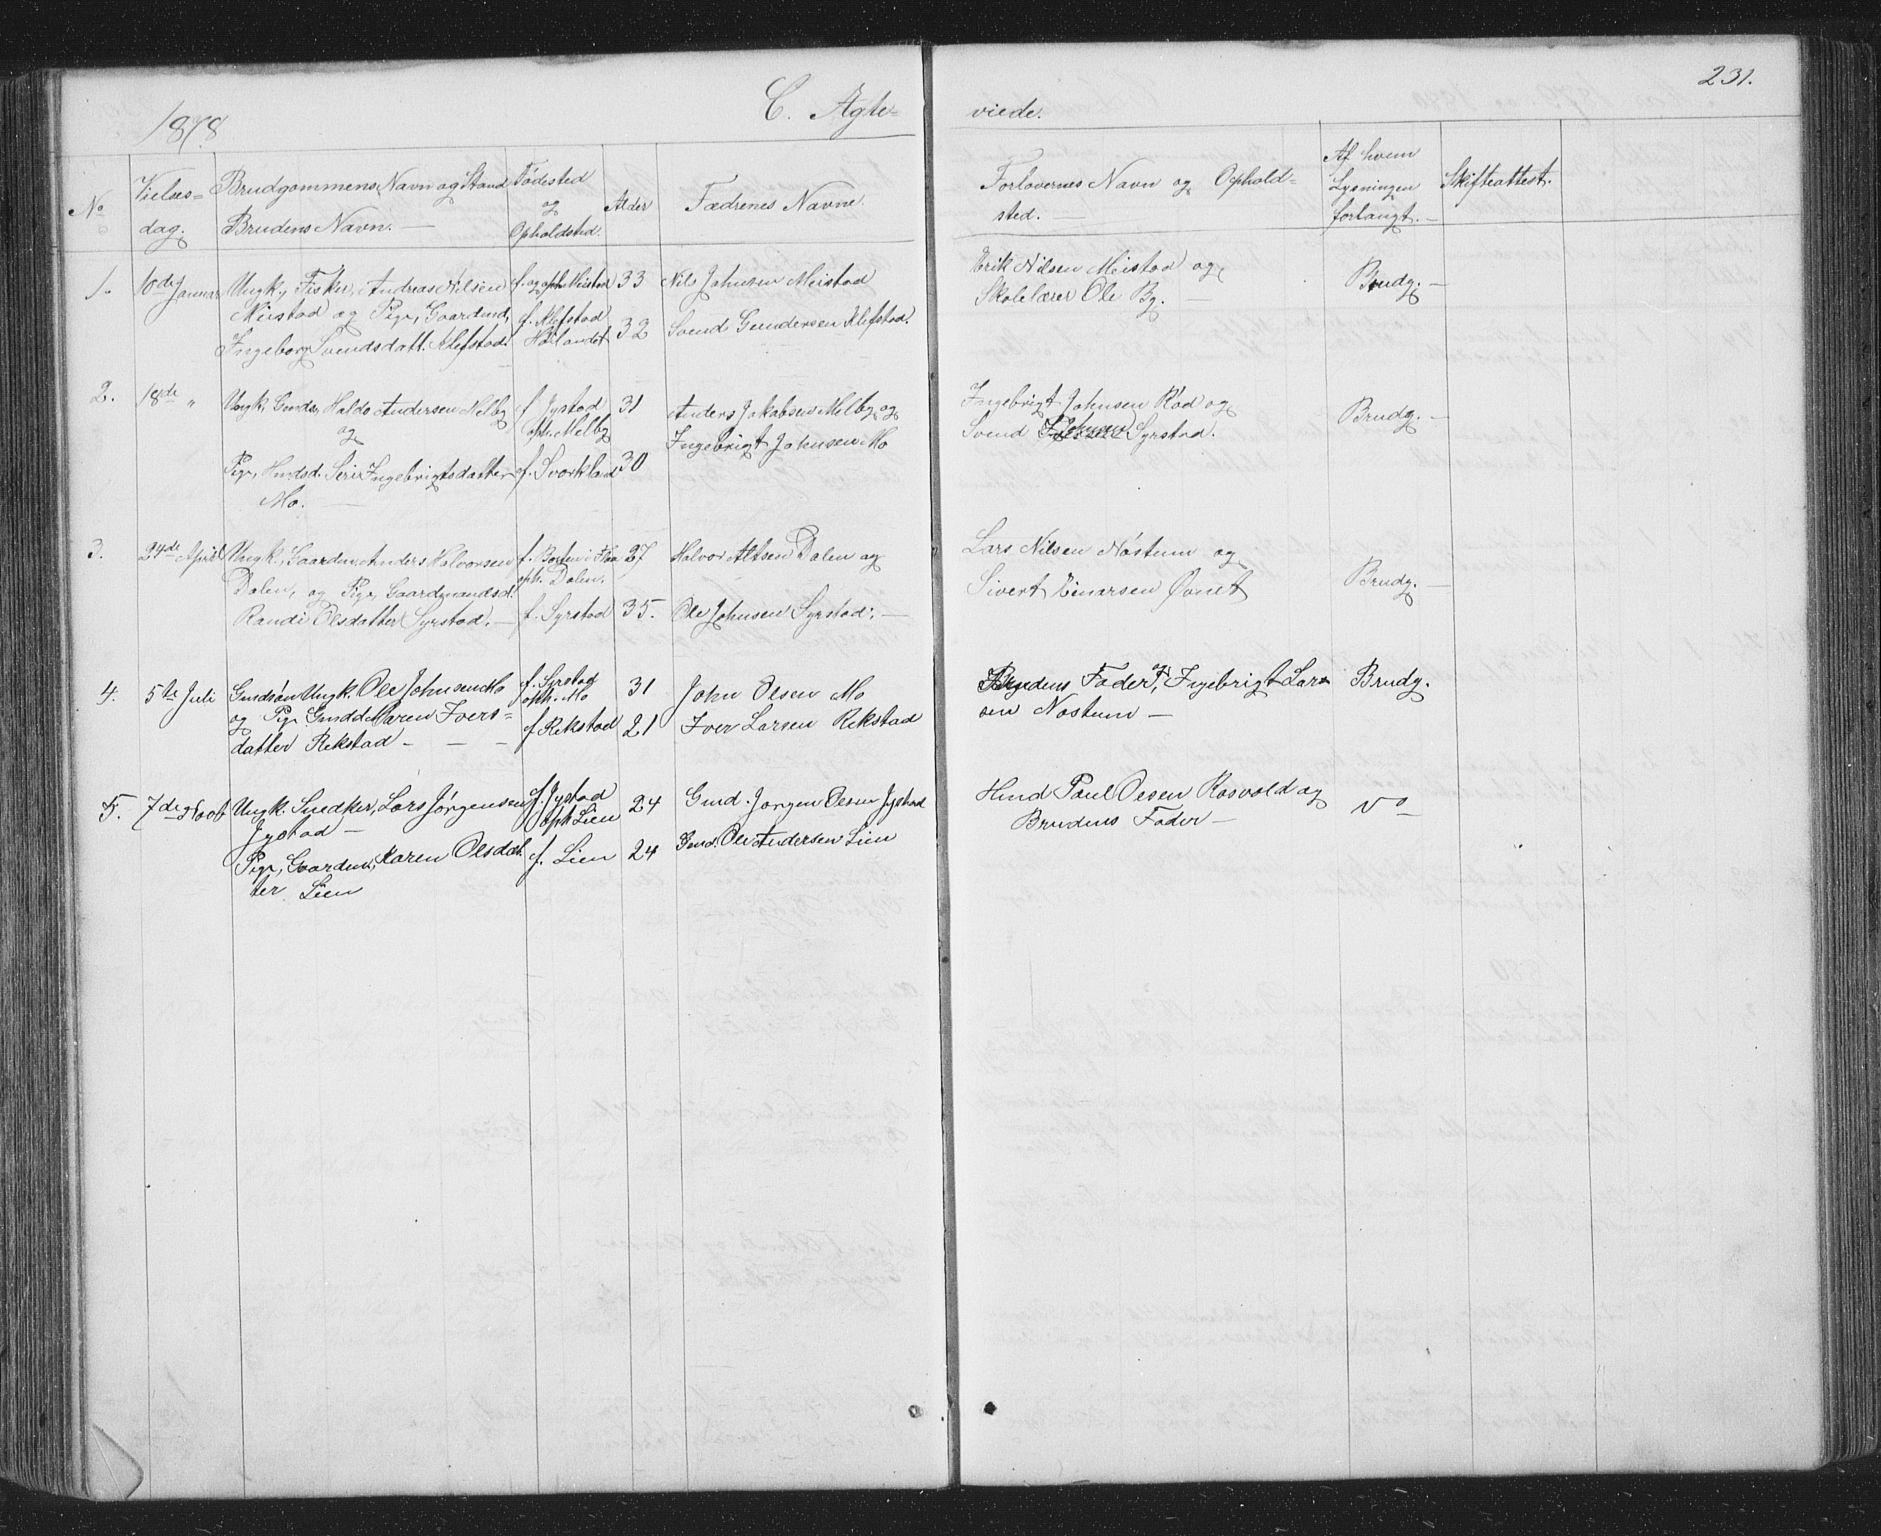 SAT, Ministerialprotokoller, klokkerbøker og fødselsregistre - Sør-Trøndelag, 667/L0798: Klokkerbok nr. 667C03, 1867-1929, s. 231